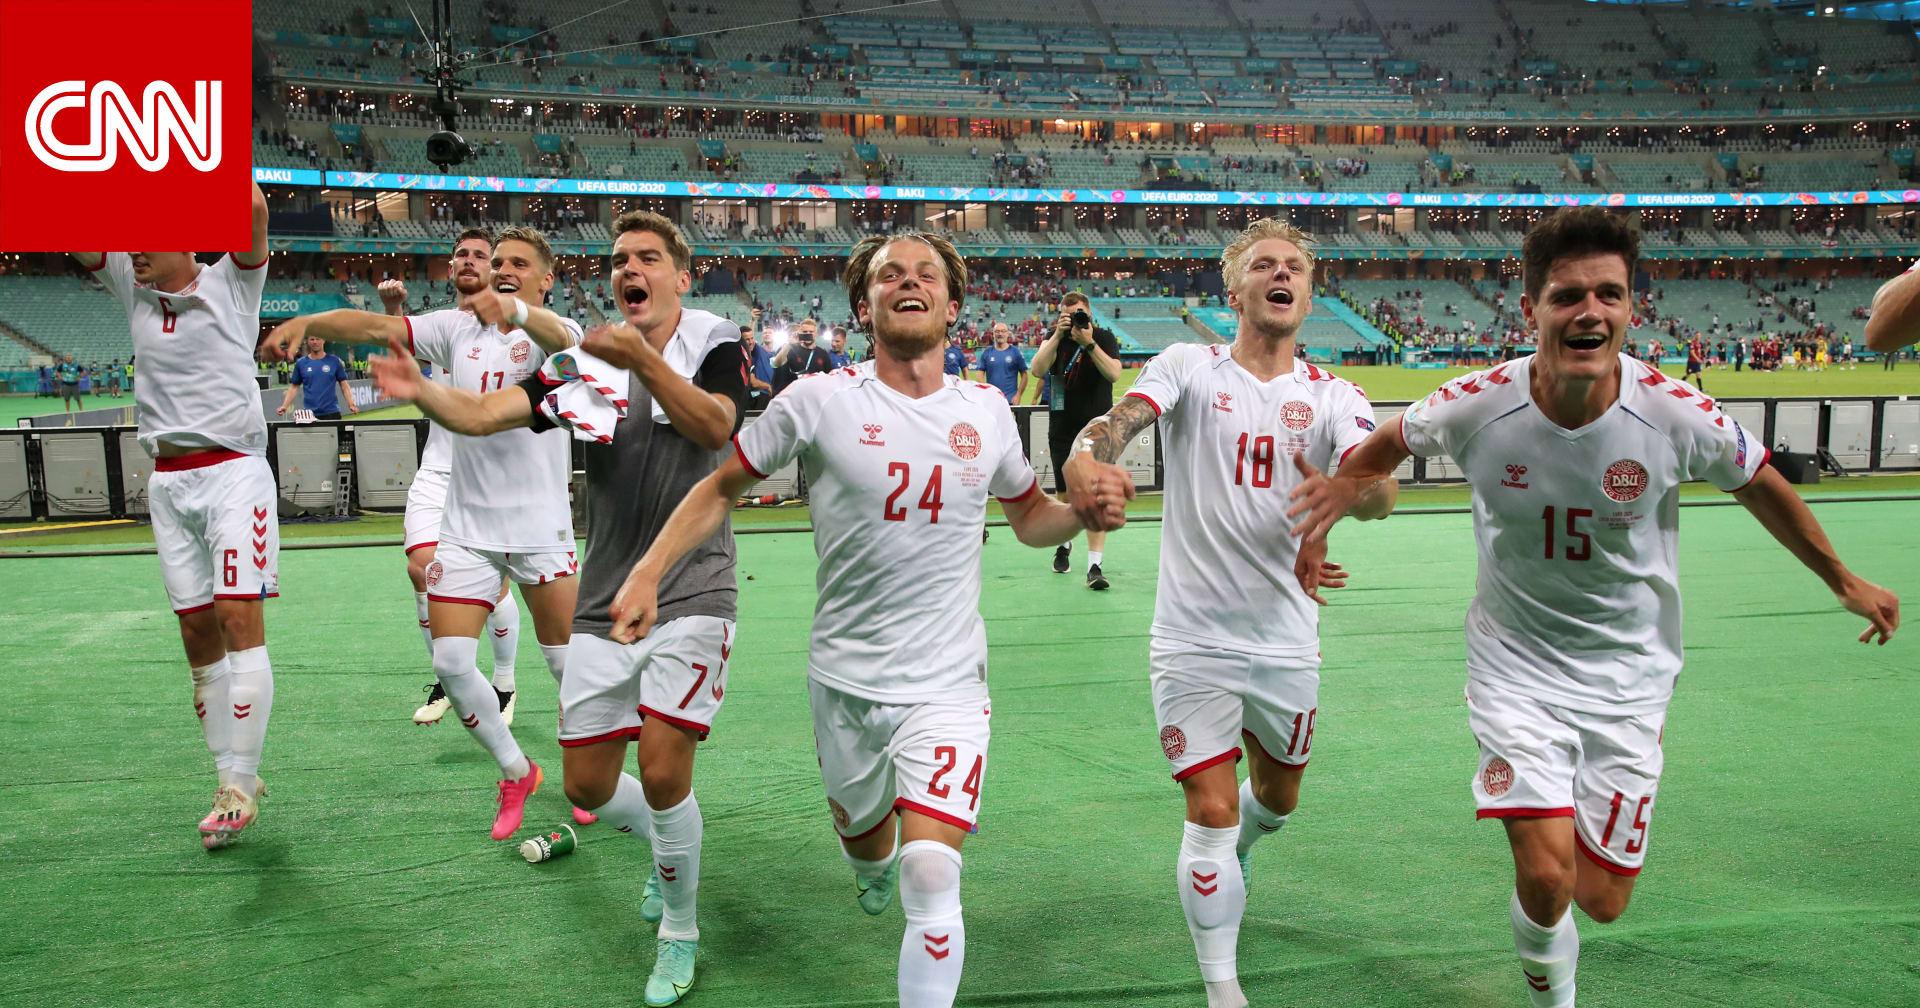 الدنمارك تتأهل لنصف نهائي أمم أوروبا بعد الفوز على التشيك بهدفين مقابل هدف